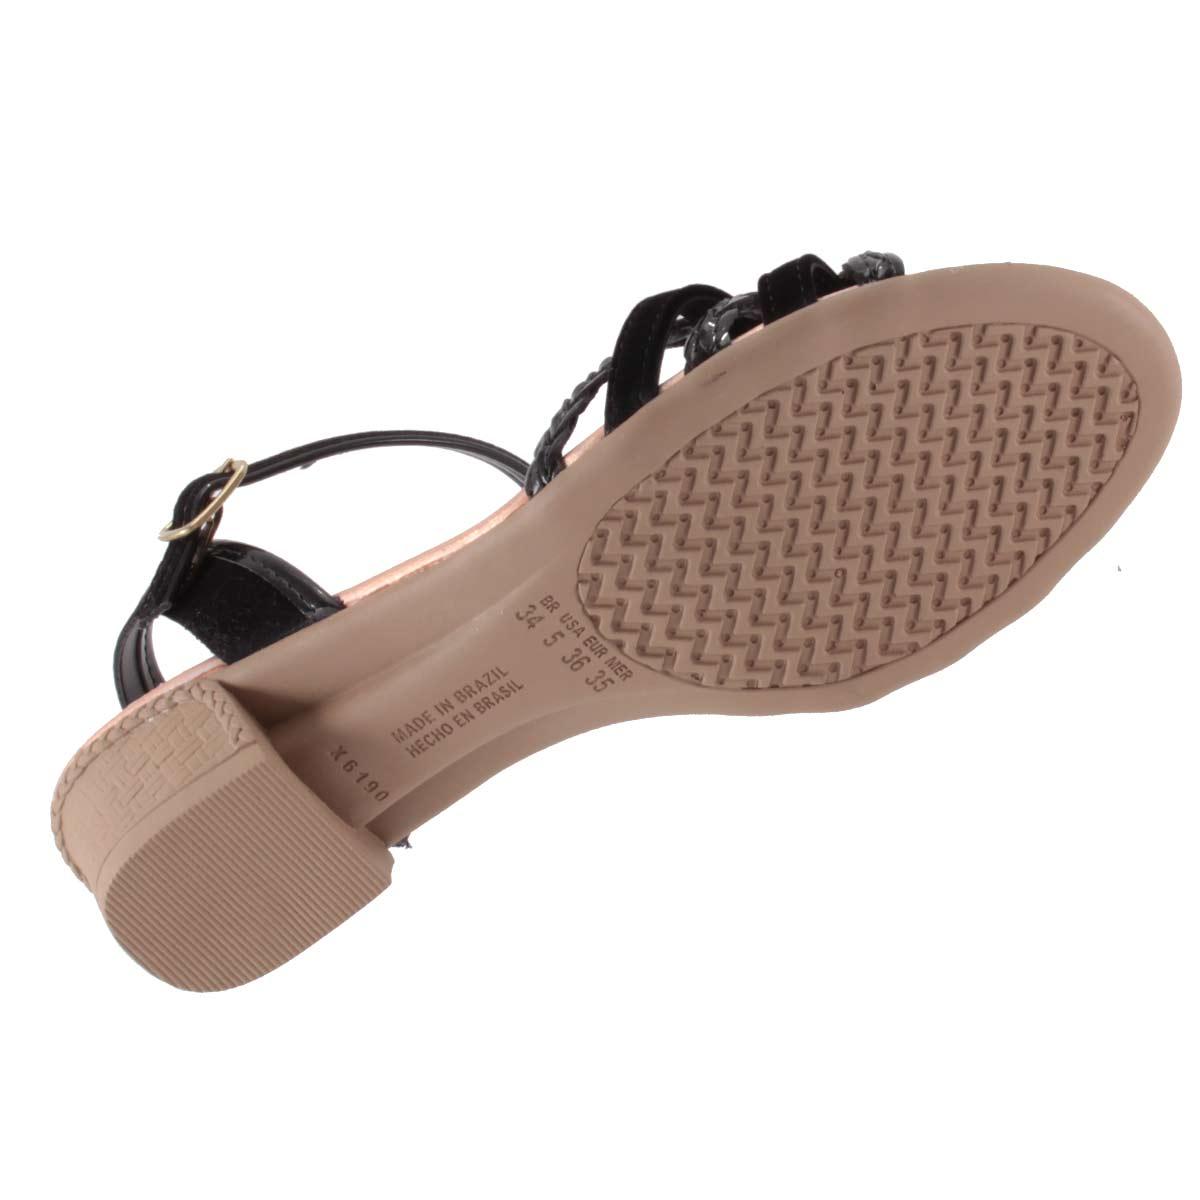 Sandália Mississipi Feminino Salto Baixo Tiras Trançado X6951  - Ian Calçados